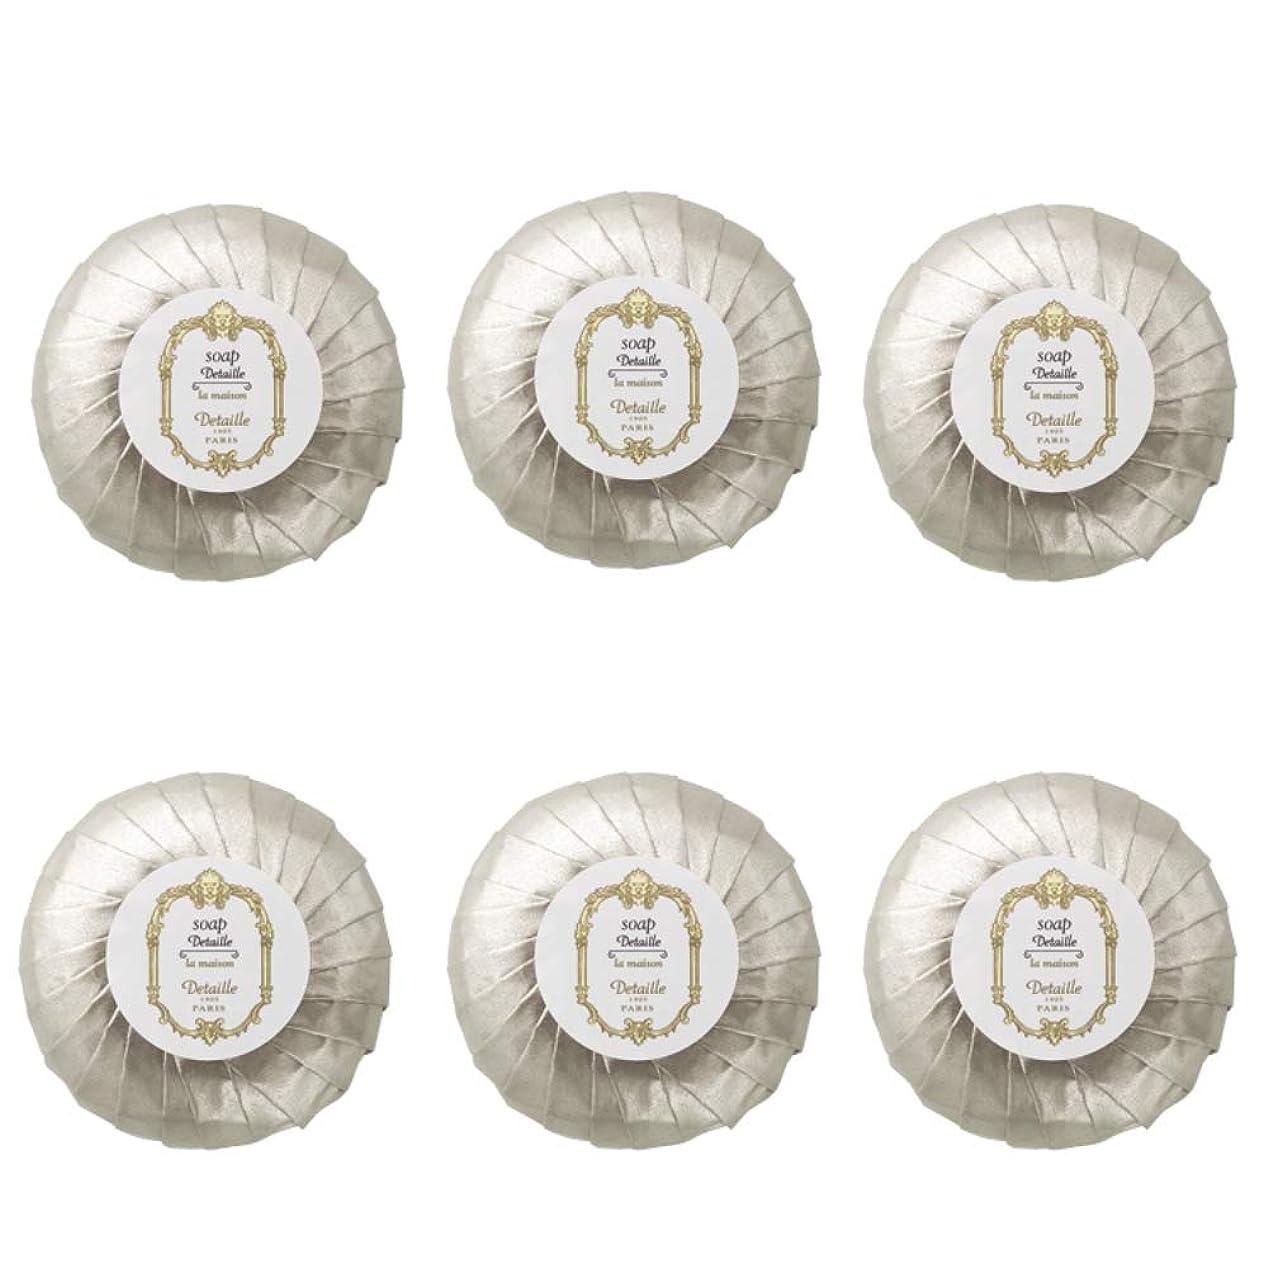 あいさつ原始的な自分の力ですべてをするPOLA デタイユ ラ メゾン スキンソープ 固形石鹸 (プリーツ包装) 50g×6個